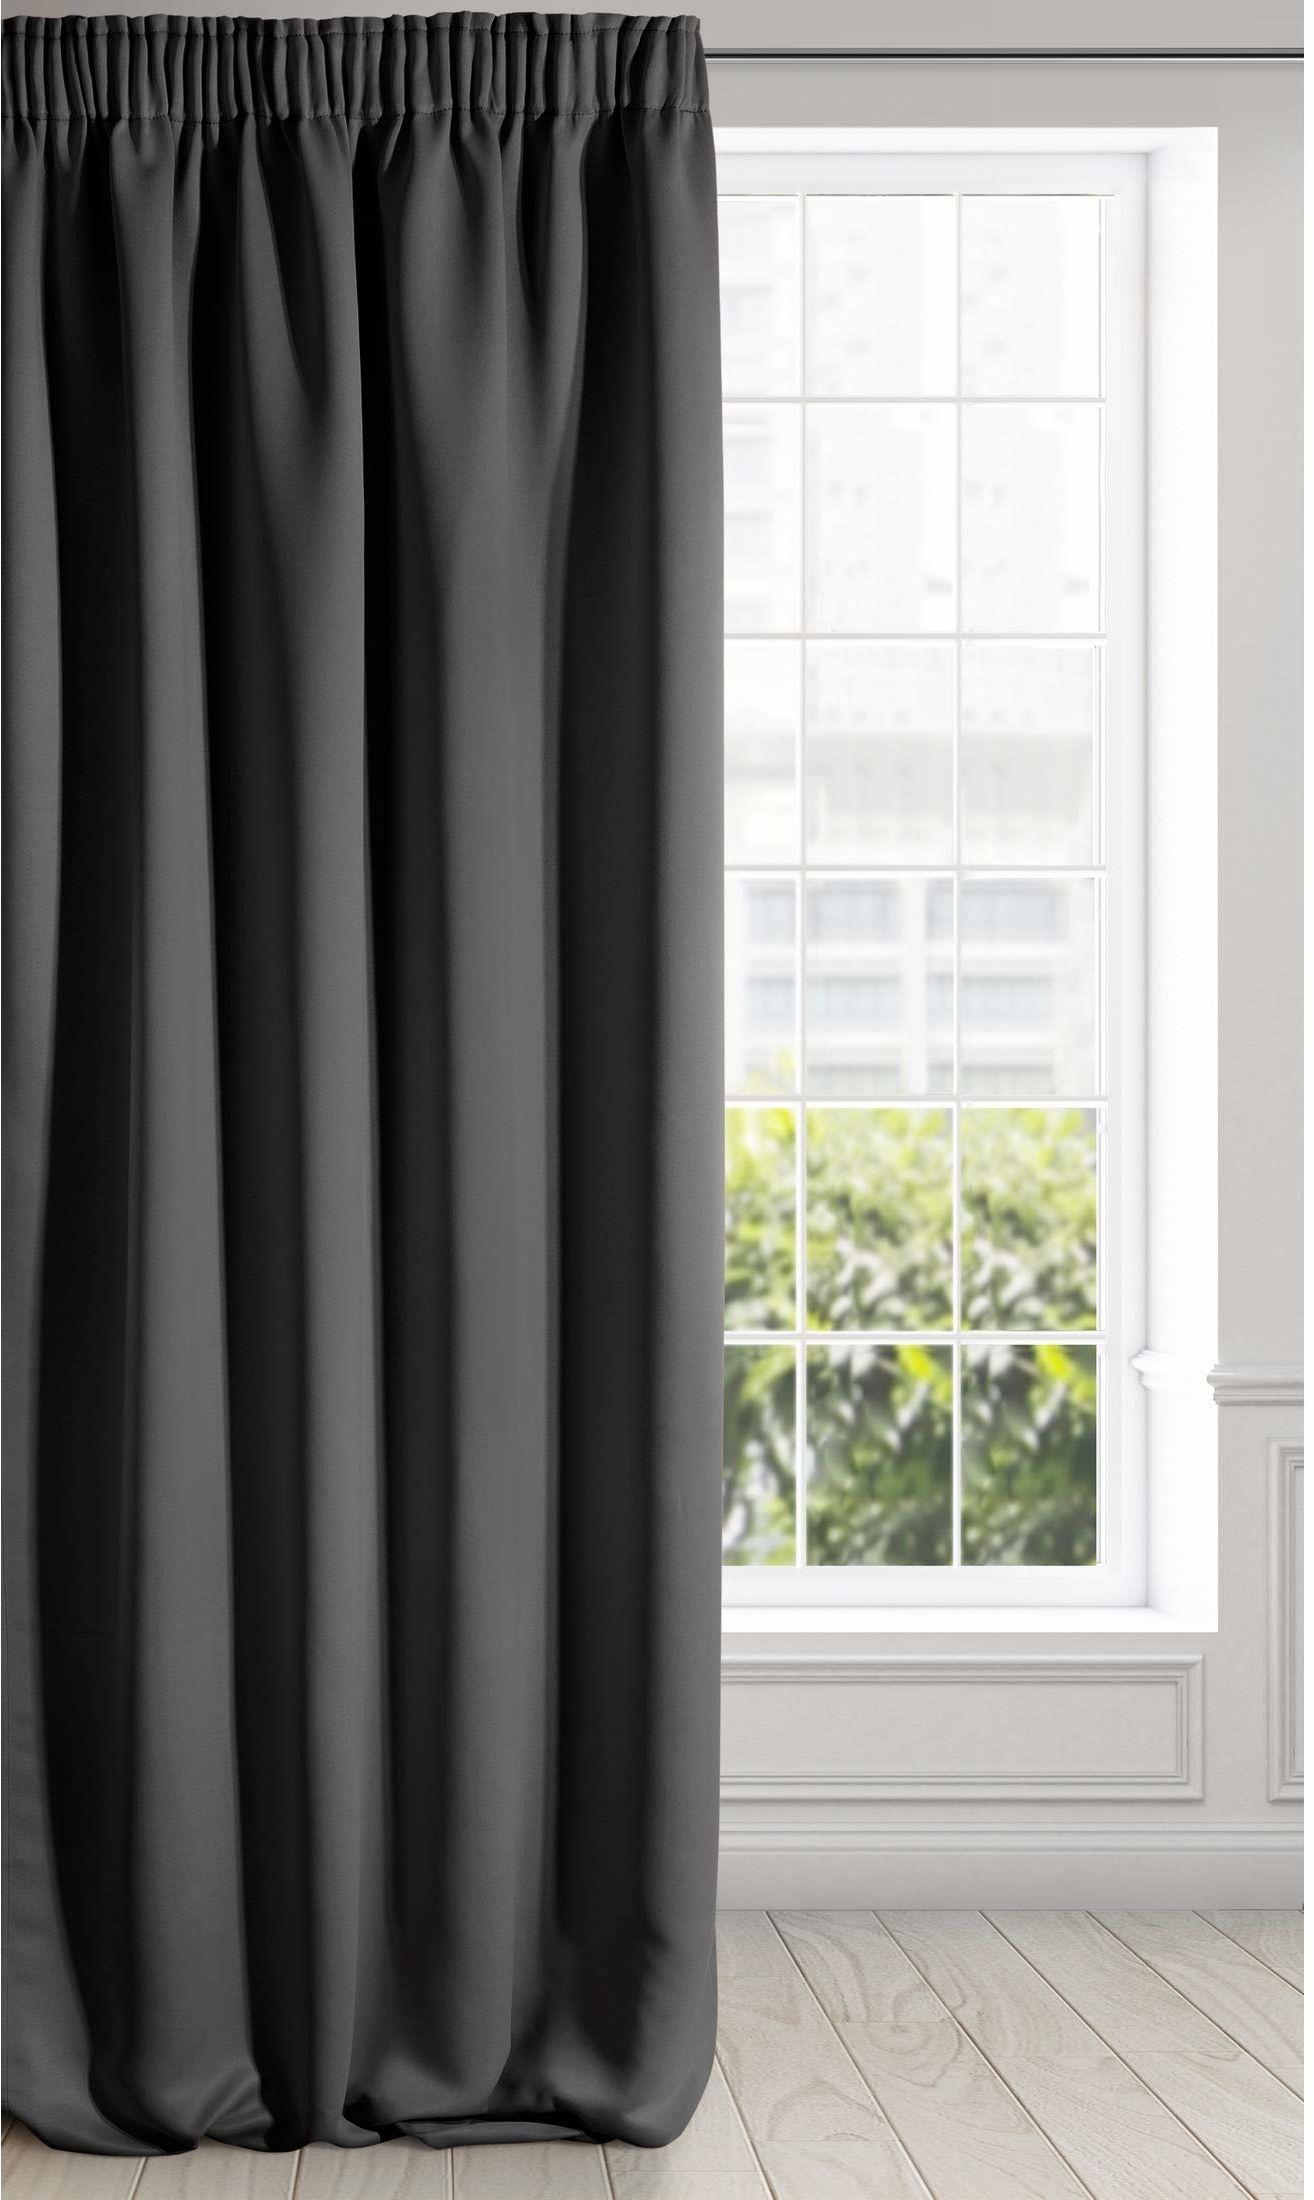 Eurofirany Logan zaciemniająca zasłona nieprzejrzysta, satynowa taśma marszcząca firanka jednokolorowa 1 szt. nowoczesny salon sypialnia pokój dziecięcy czarny, 135 x 270 cm